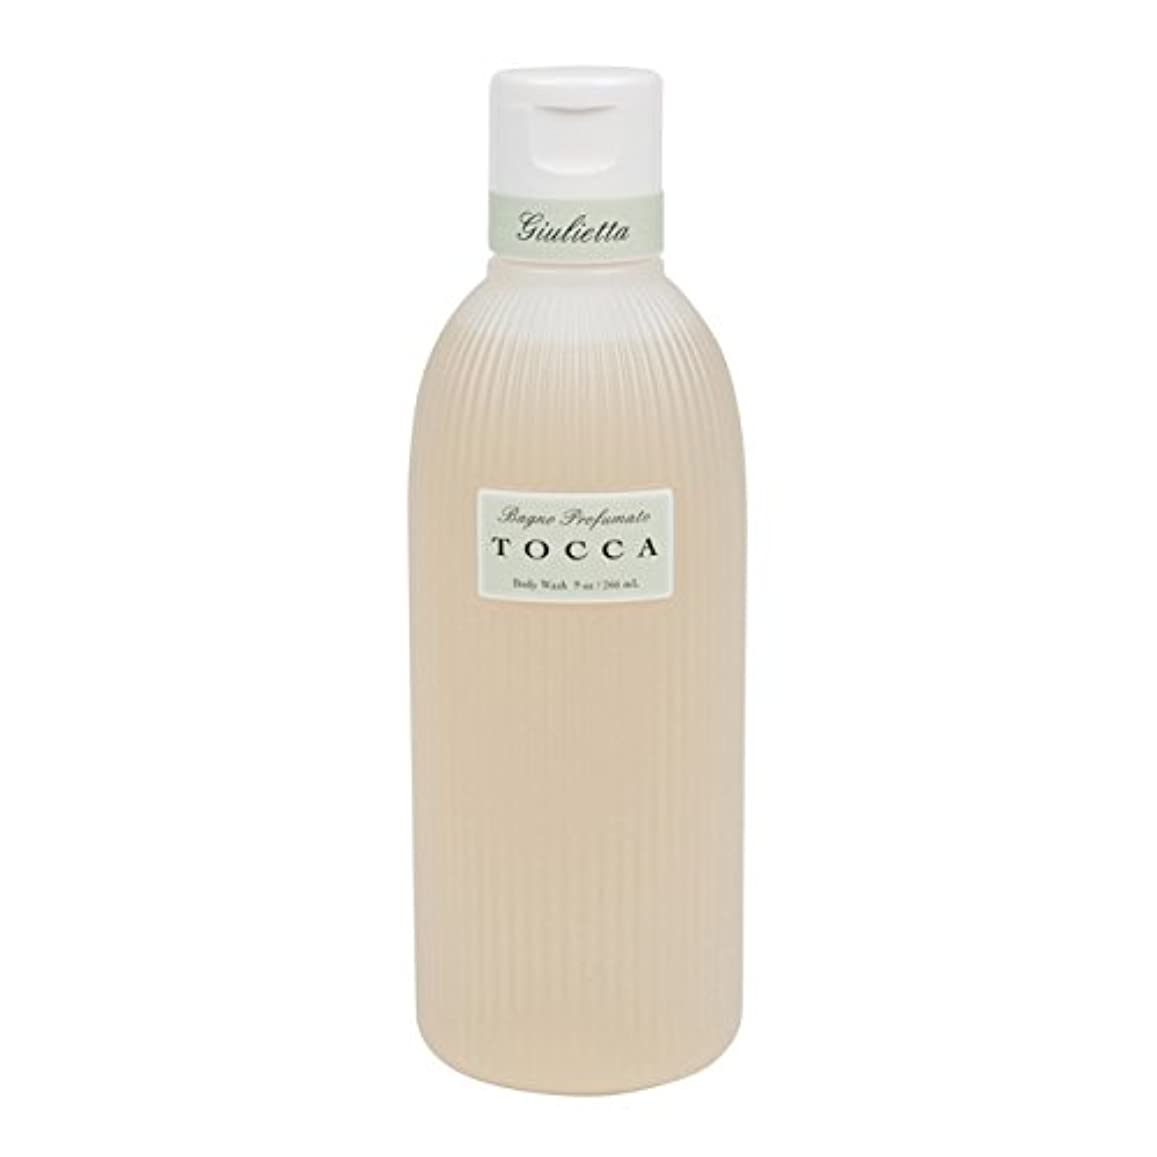 重なる着服グリップトッカ(TOCCA) ボディーケアウォッシュ ジュリエッタの香り  266ml(全身用洗浄料 ボディーソープ ピンクチューリップとグリーンアップルの爽やかで甘い香り)